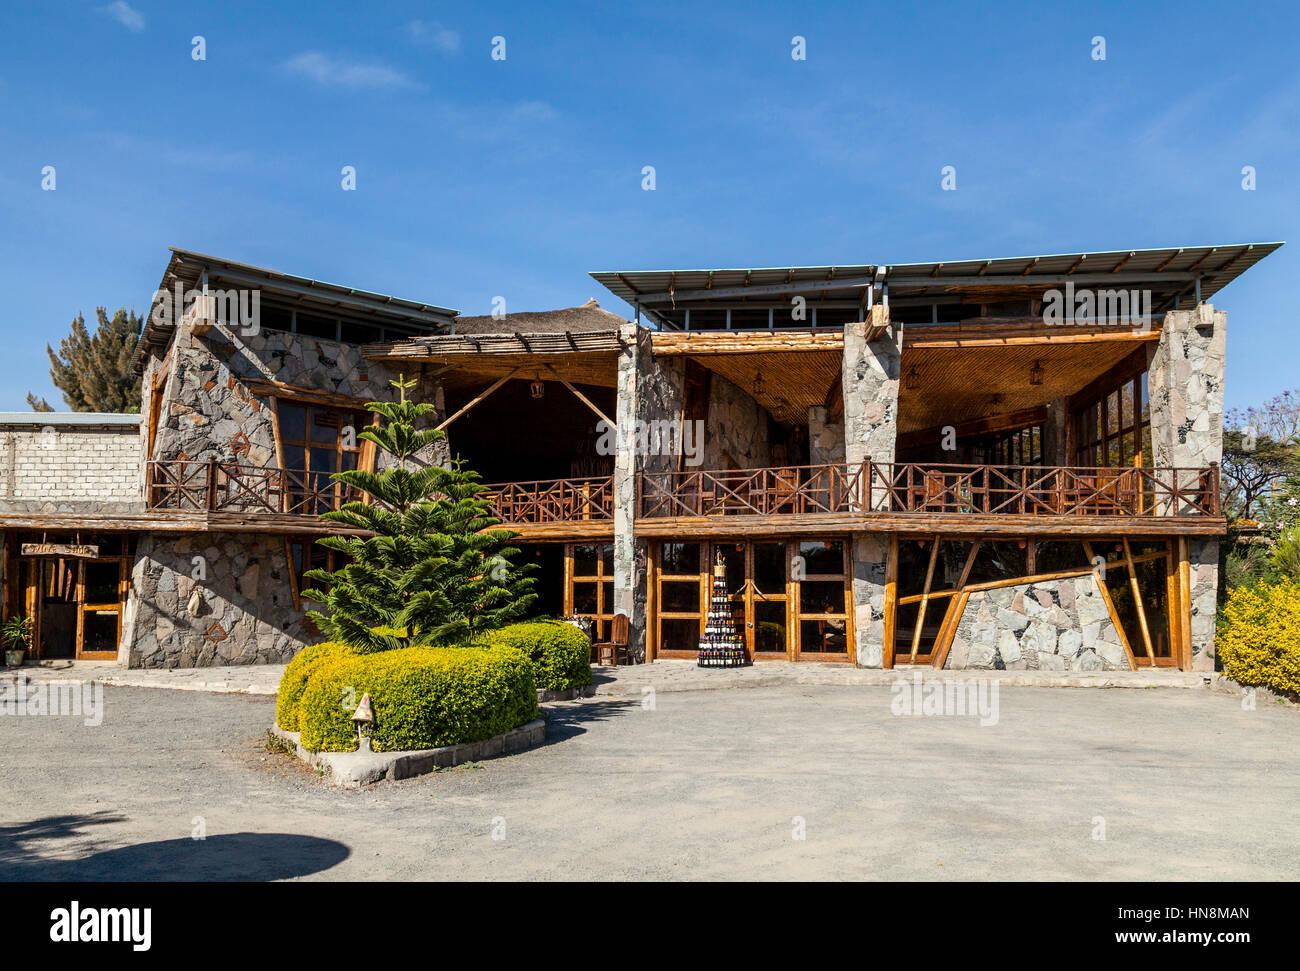 The Kuriftu Castel Wine House and Restaurant, Lake Ziway, Ethiopia - Stock Image